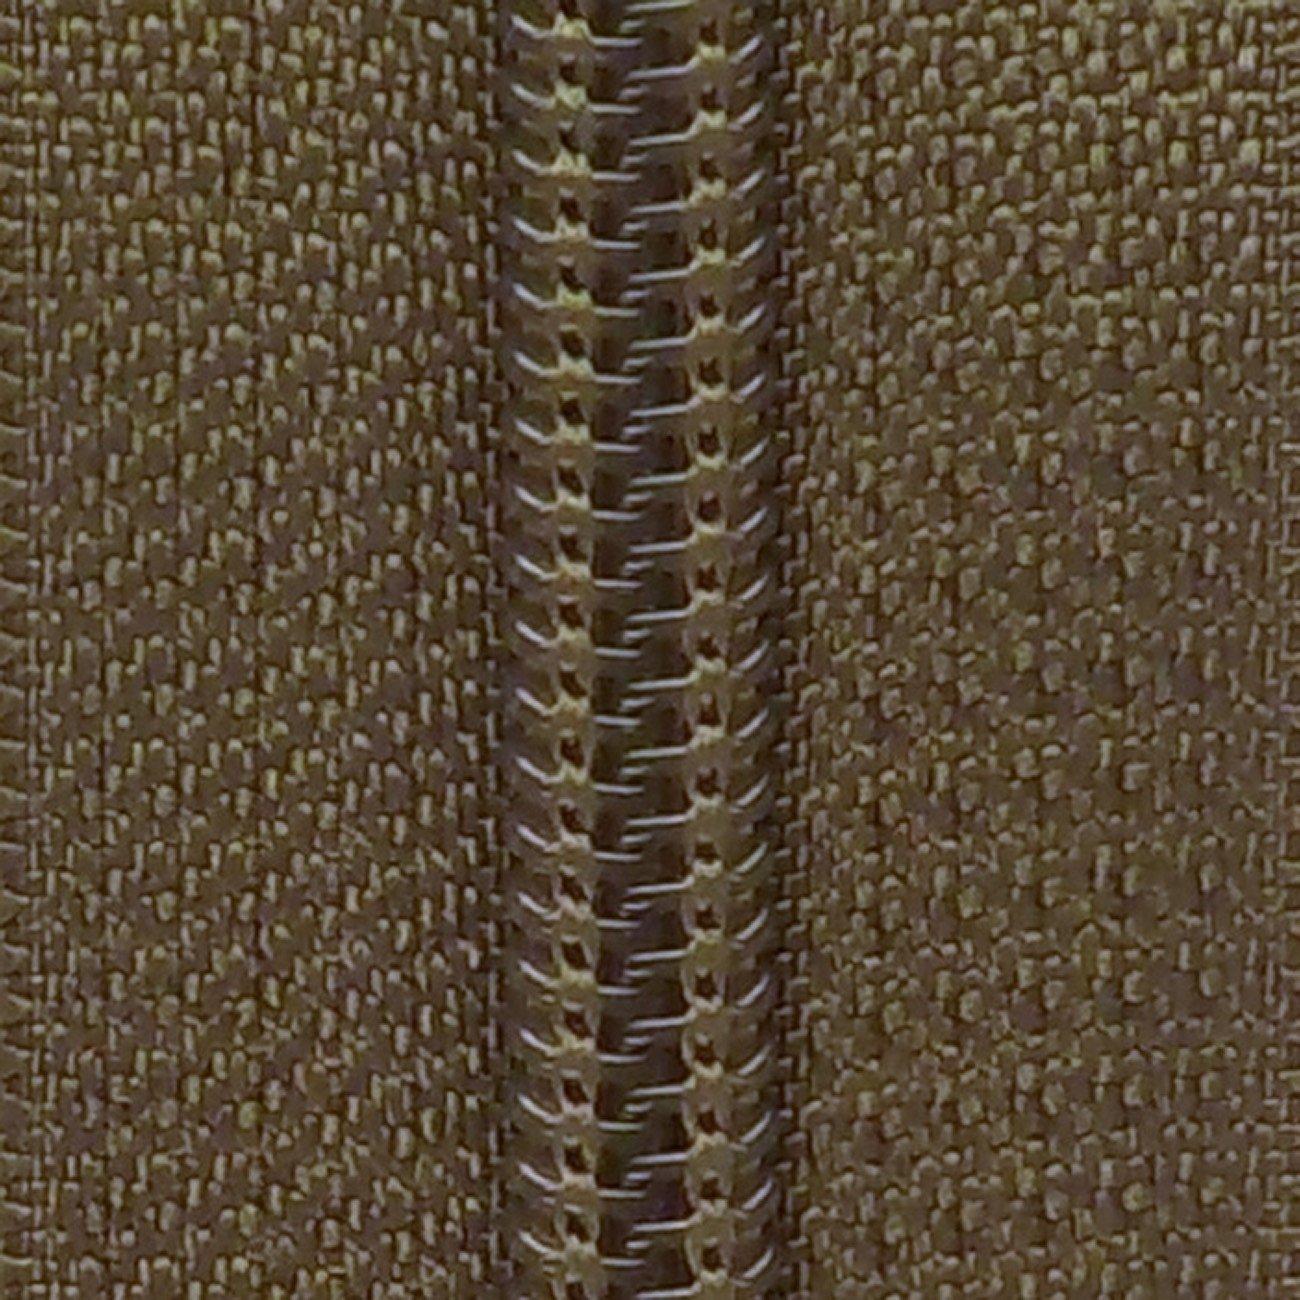 14 Nylon Coil Zipper Olive Drab